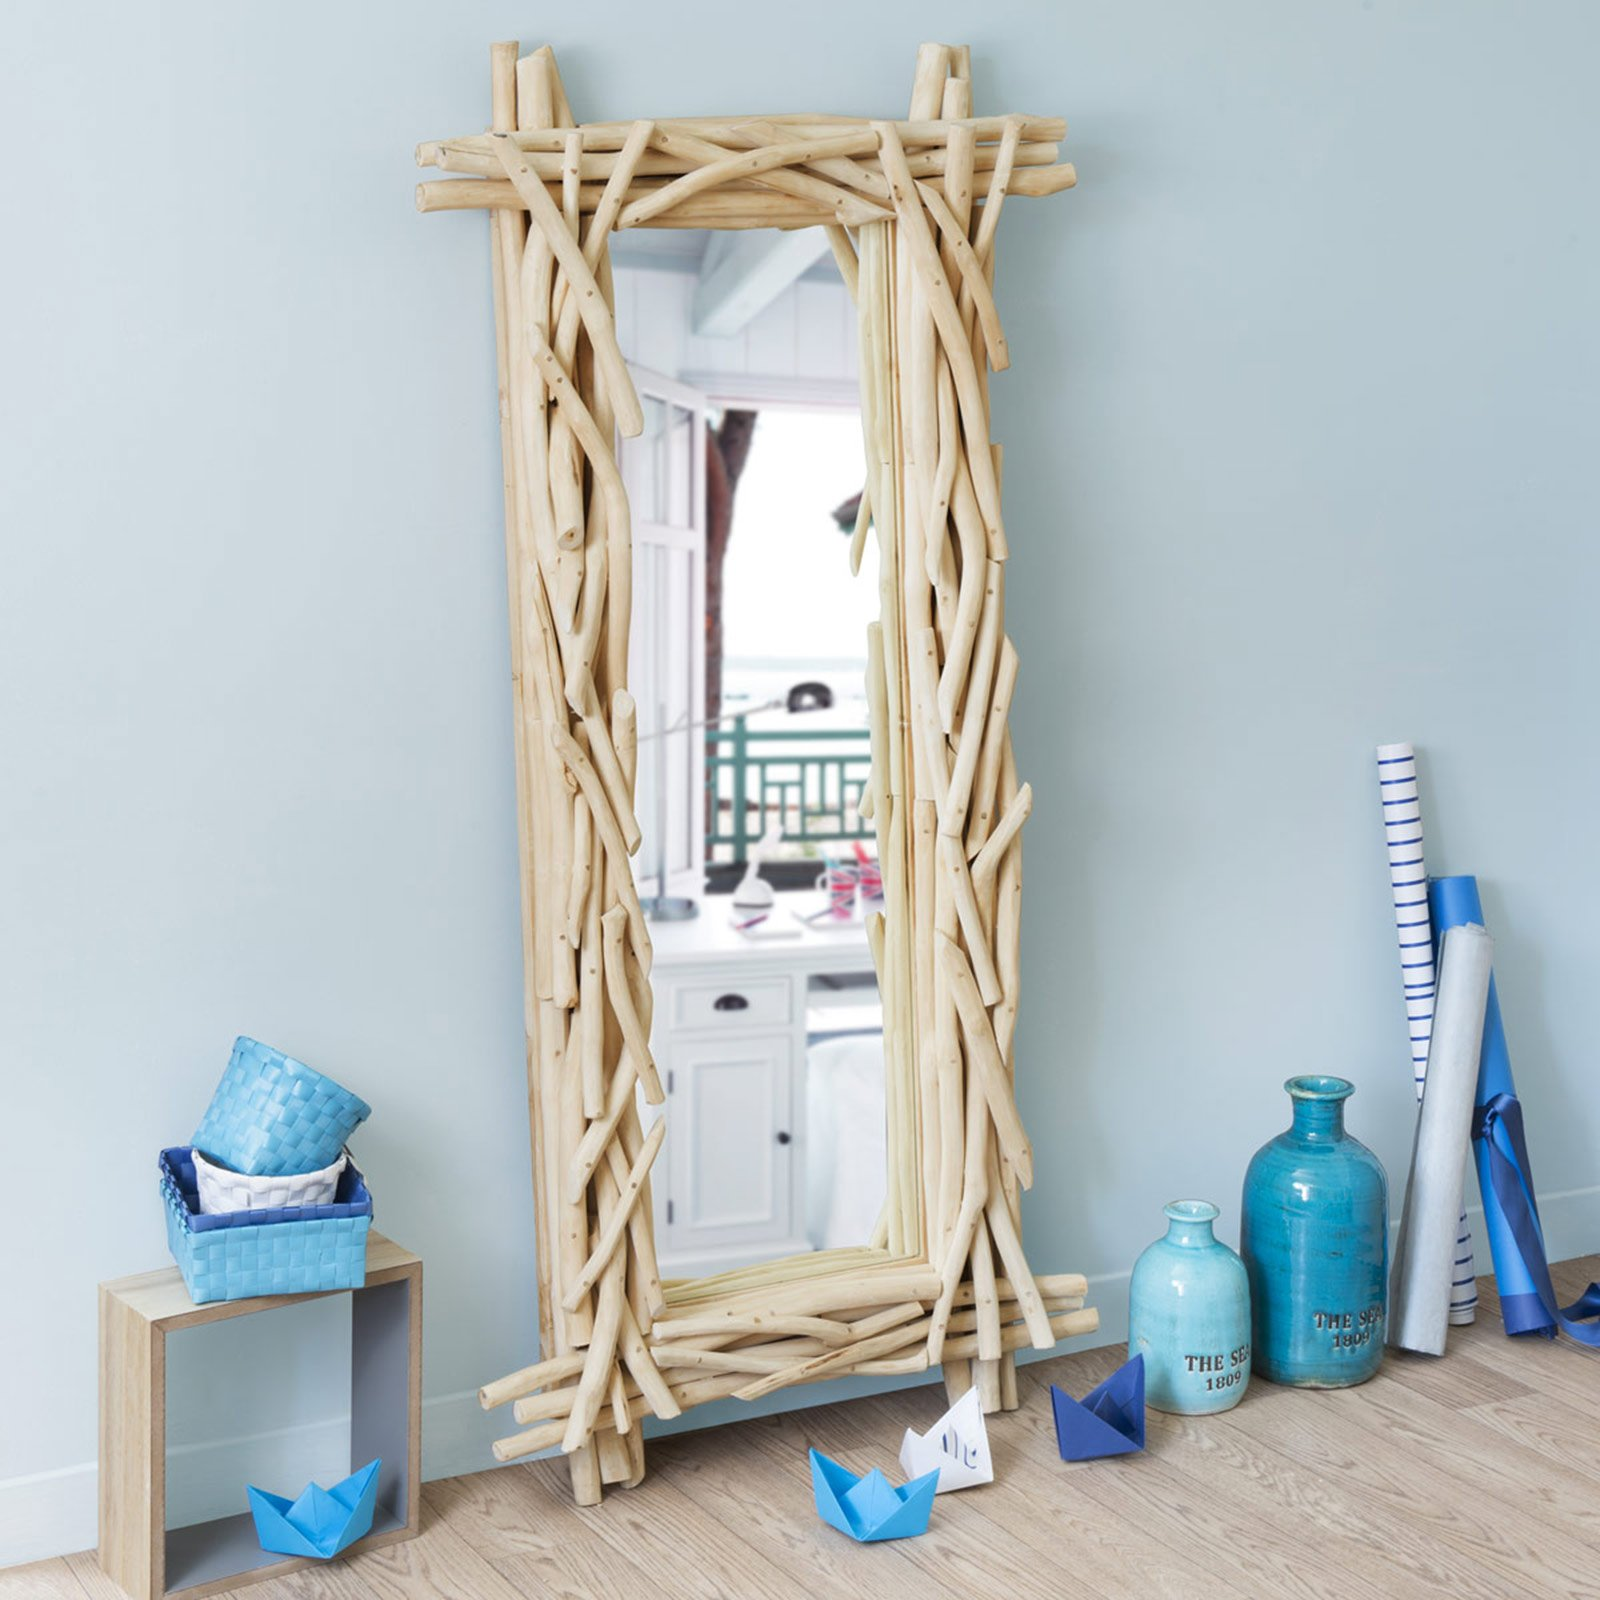 Specchi questione di riflessi cose di casa - Specchio per te ...